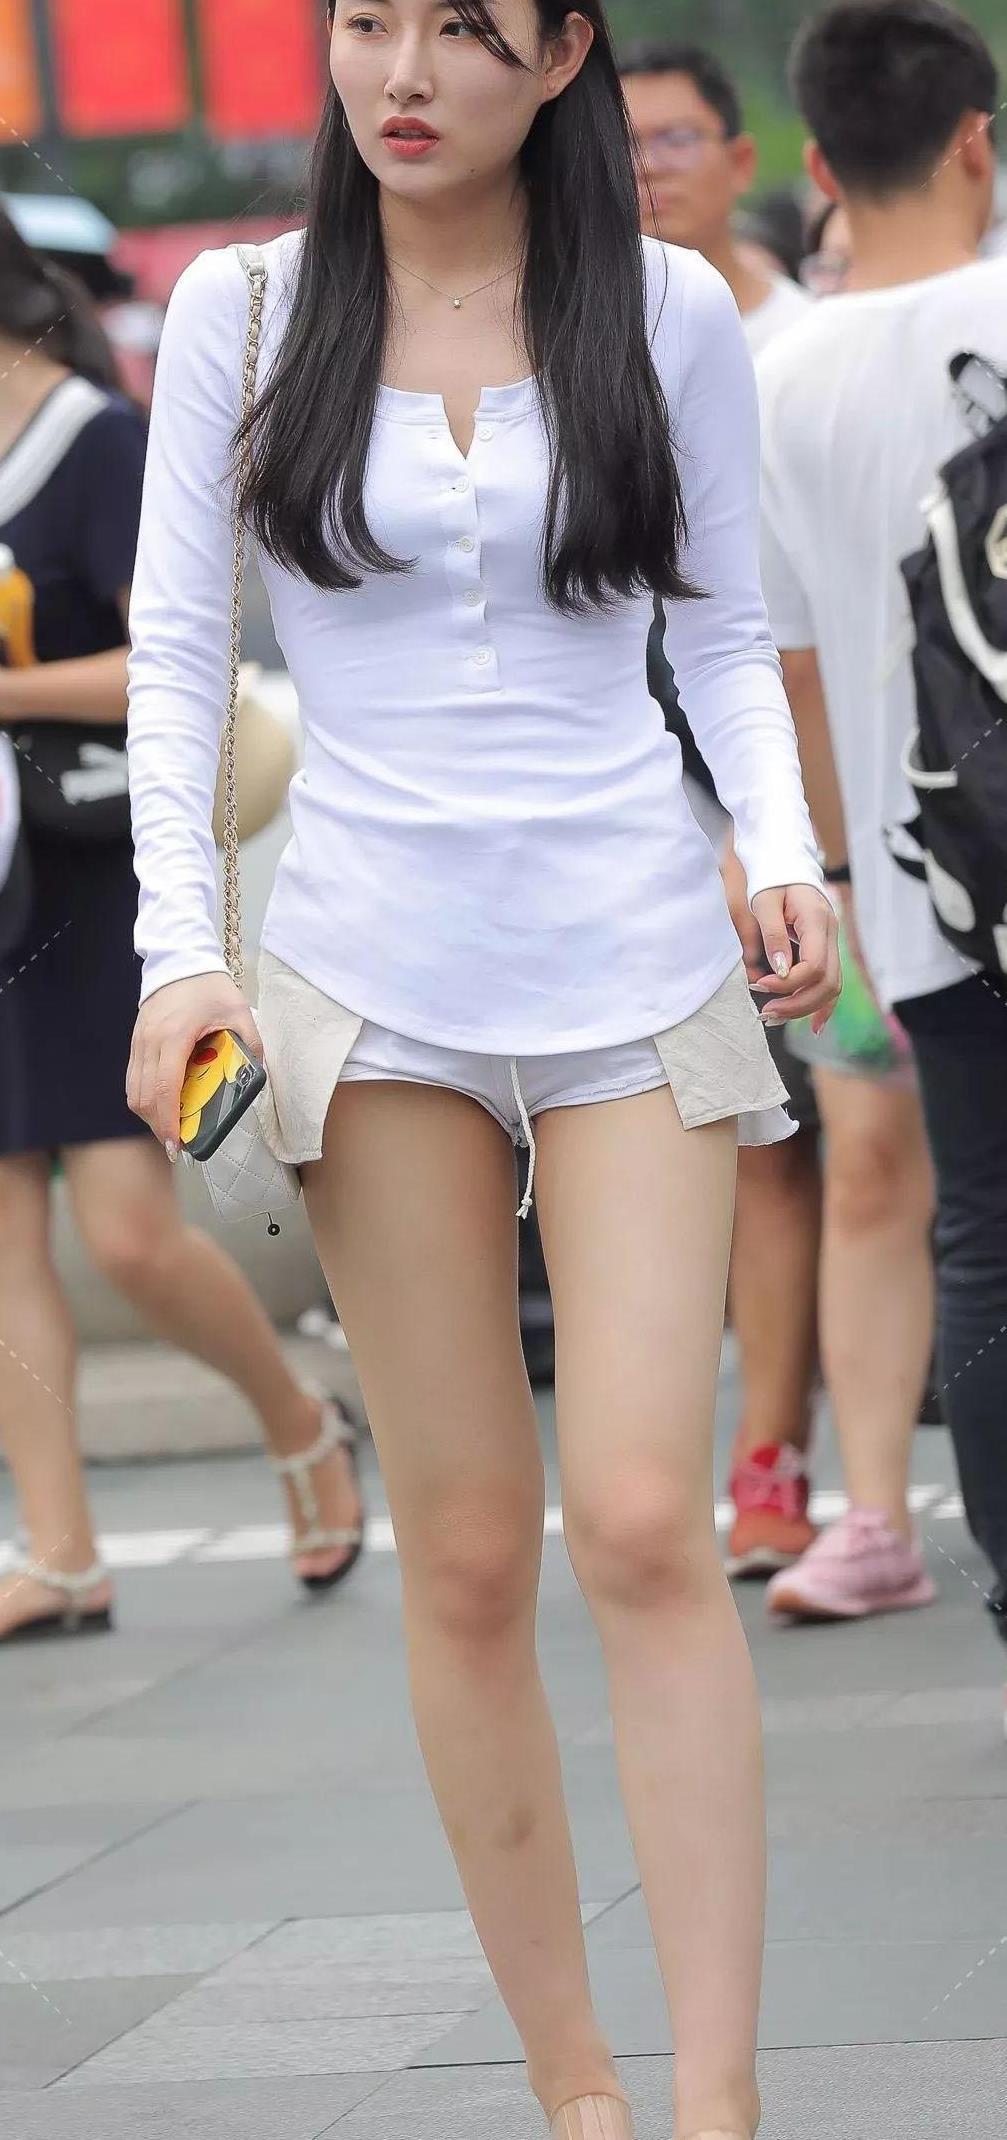 美女就爱简约风穿搭,白色长袖T恤+反穿短裤,轻松秀出时尚知性